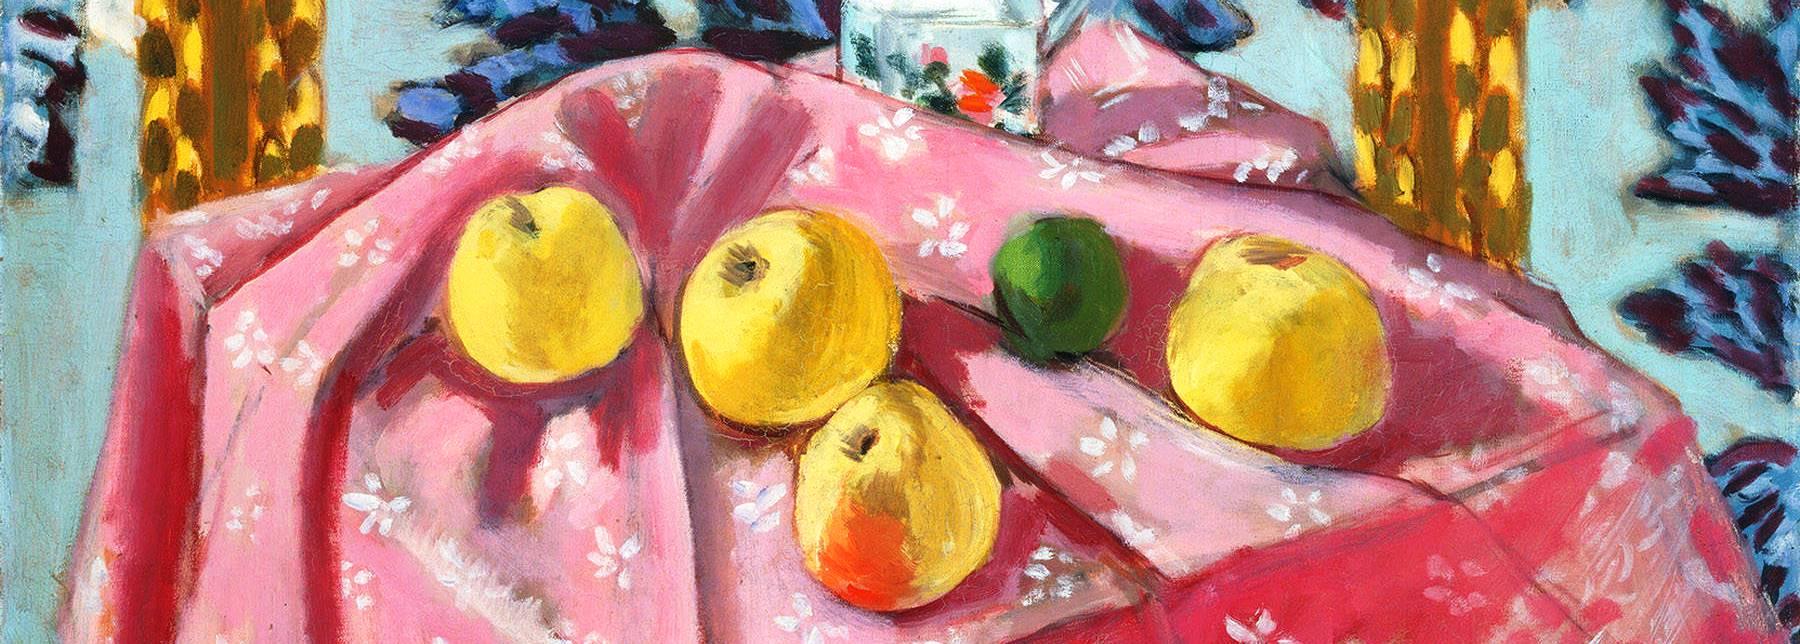 Matisse_1924_Still-life_urban_flavours